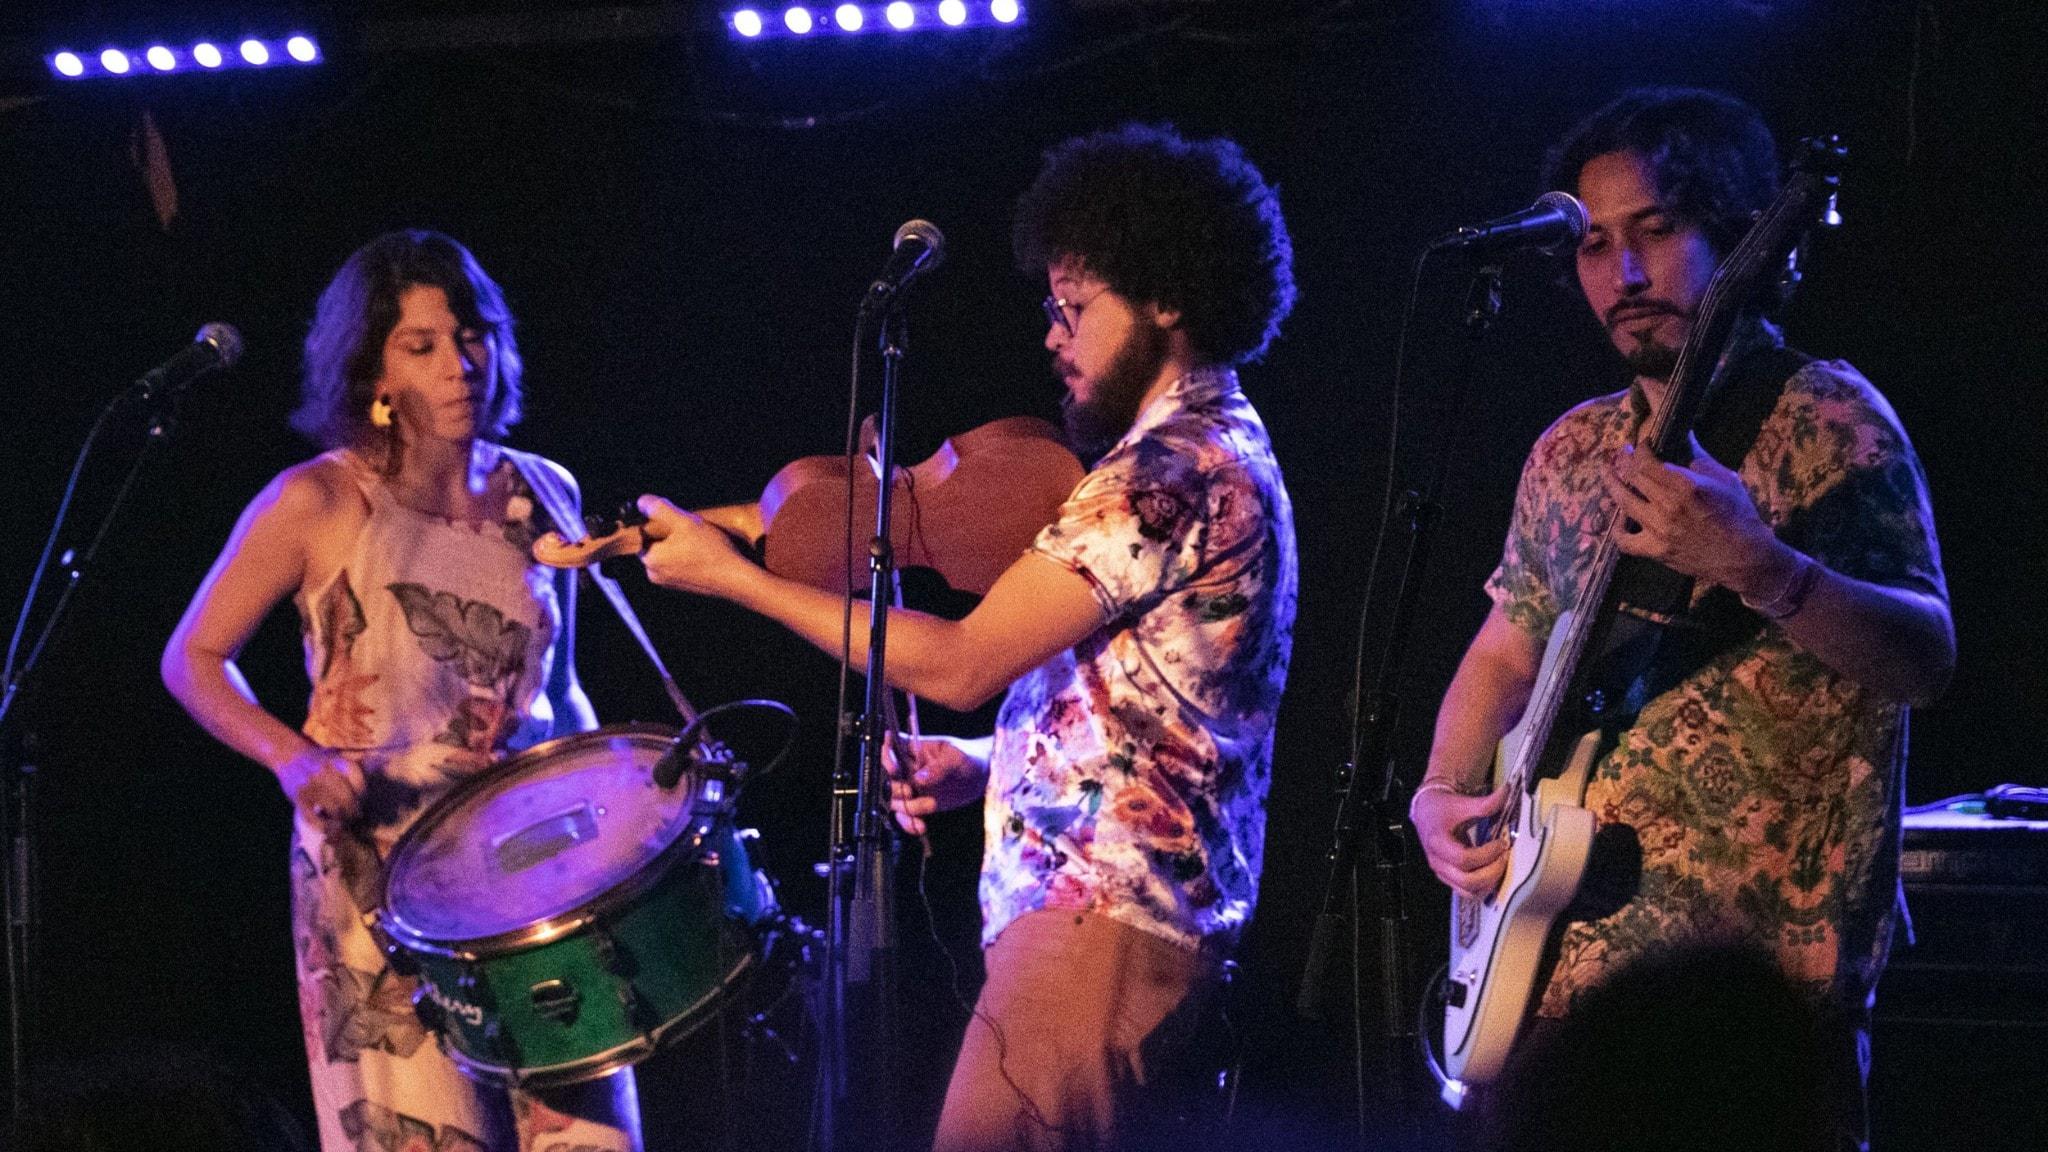 KONSERT: Folkmusik från Brasilien med Forro na Caixa